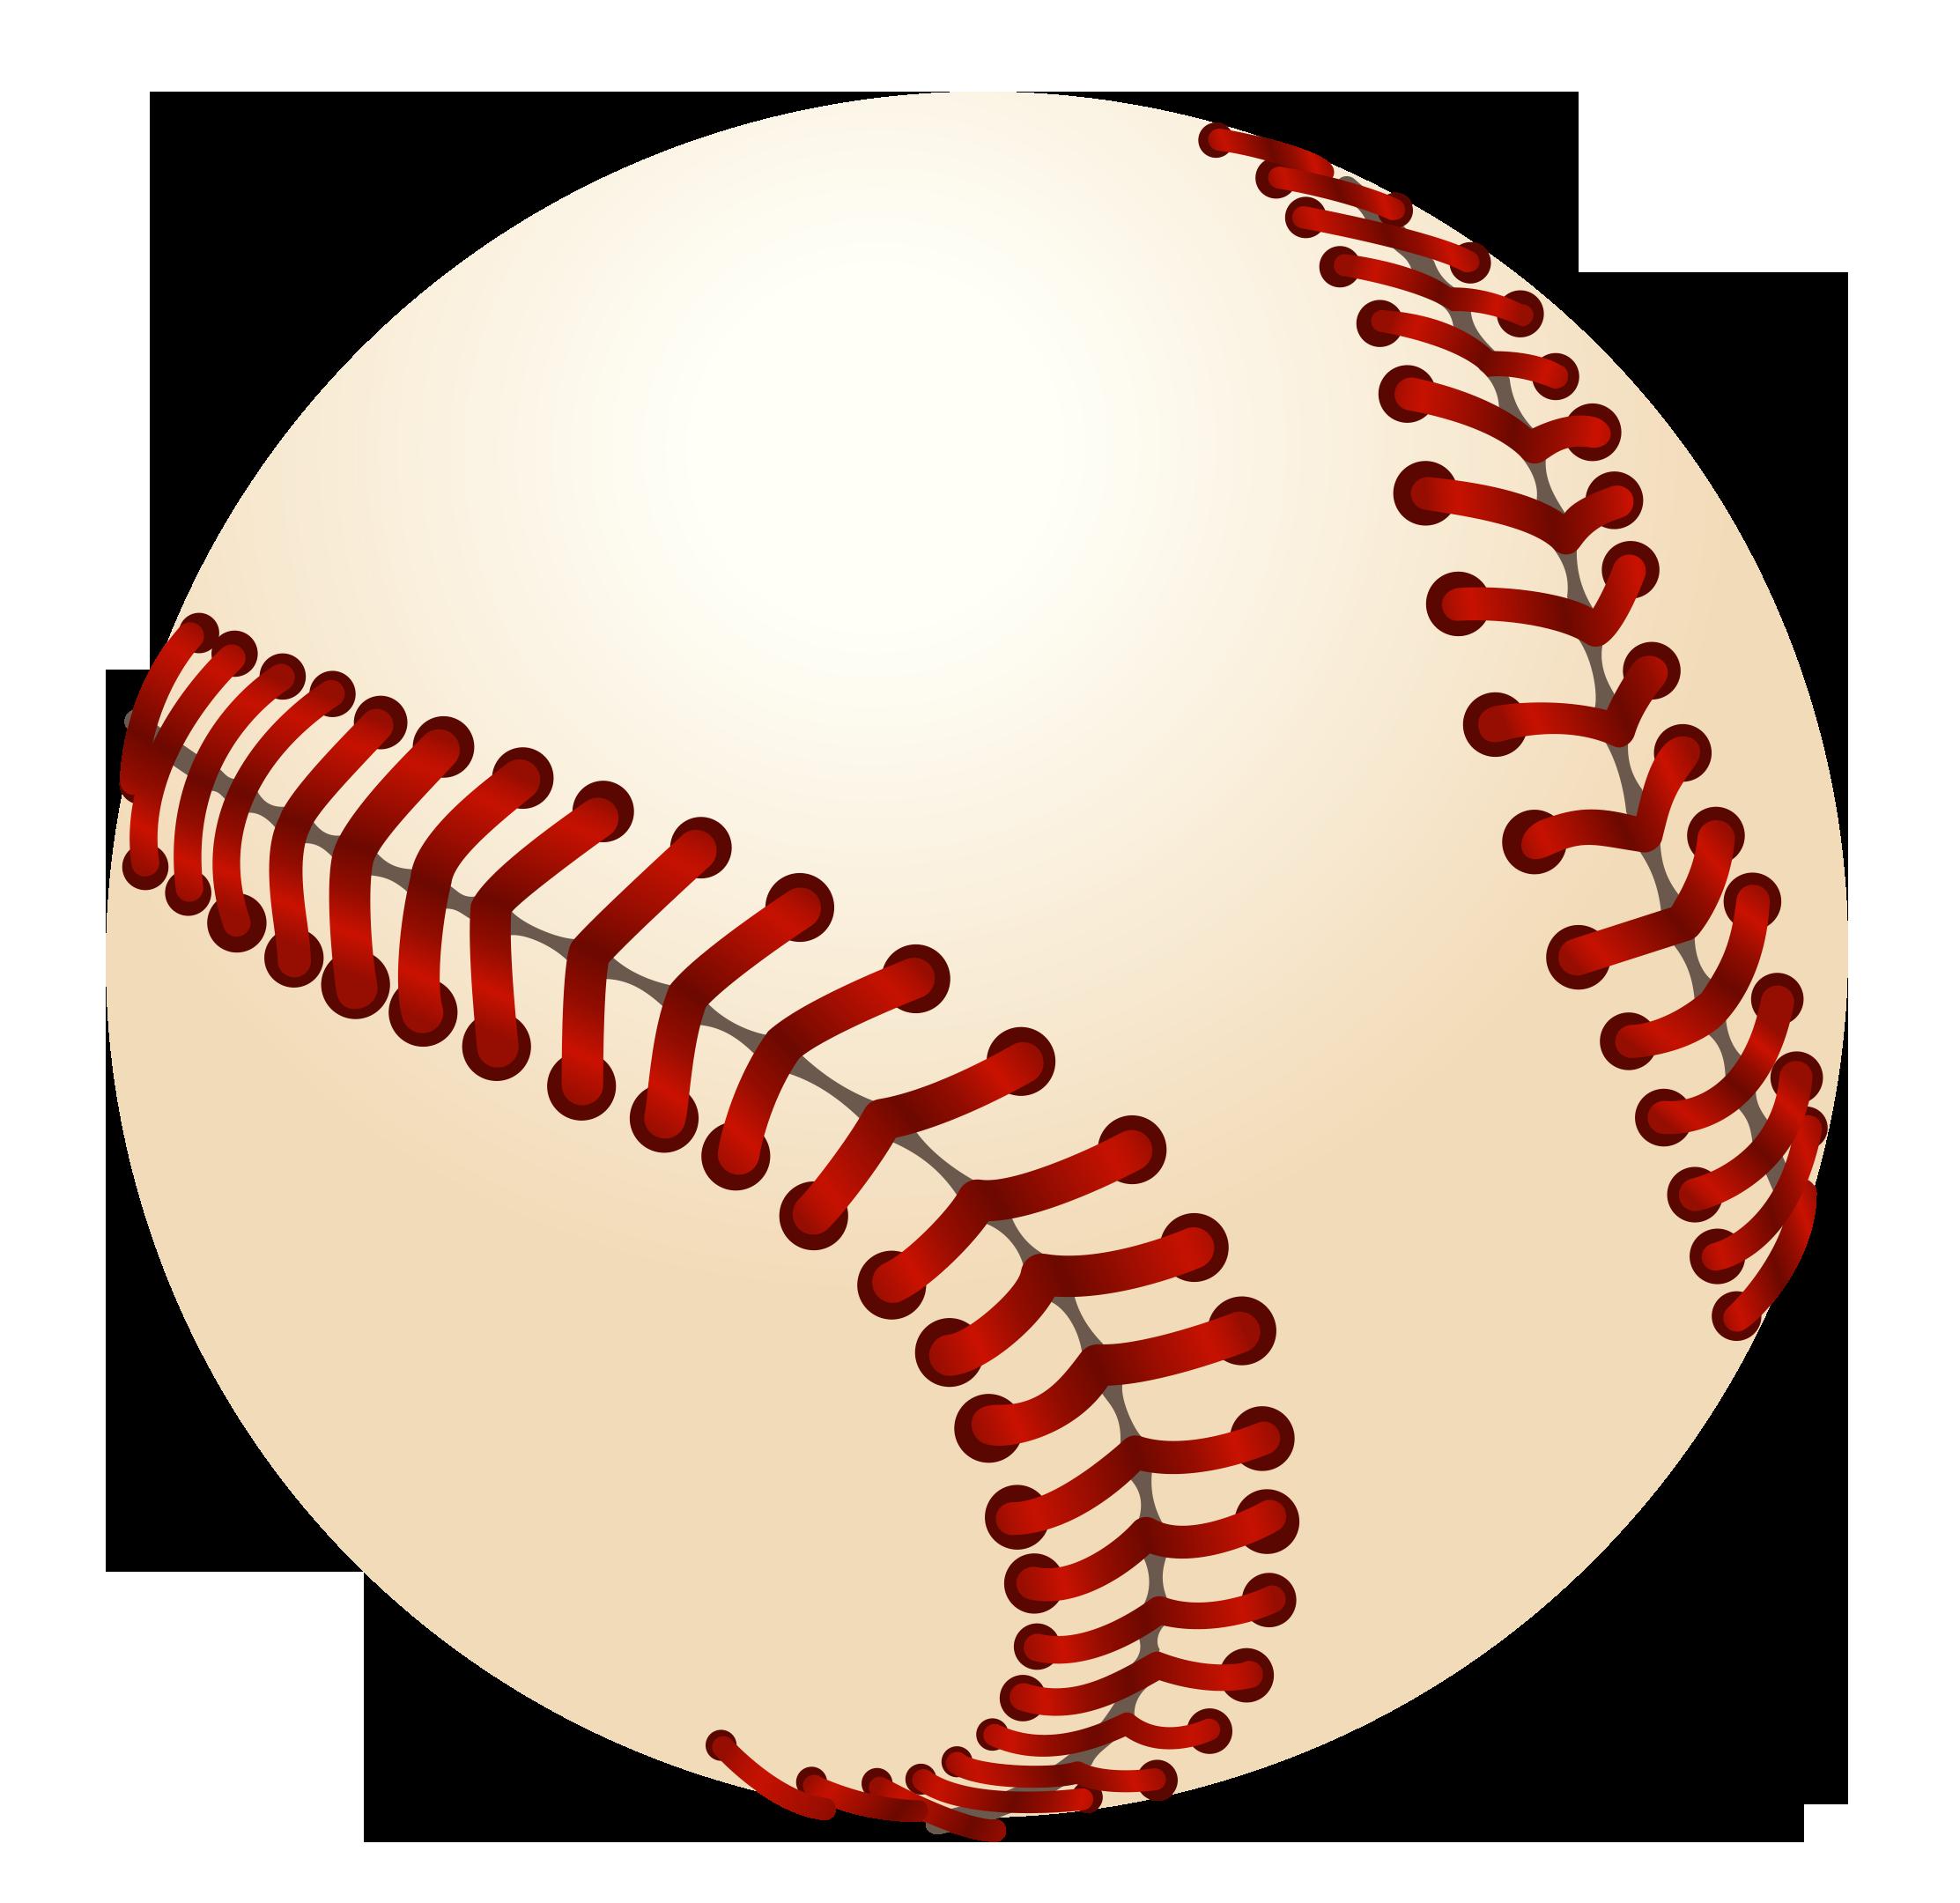 Baseball Clip Art Png Free - ClipArt Best